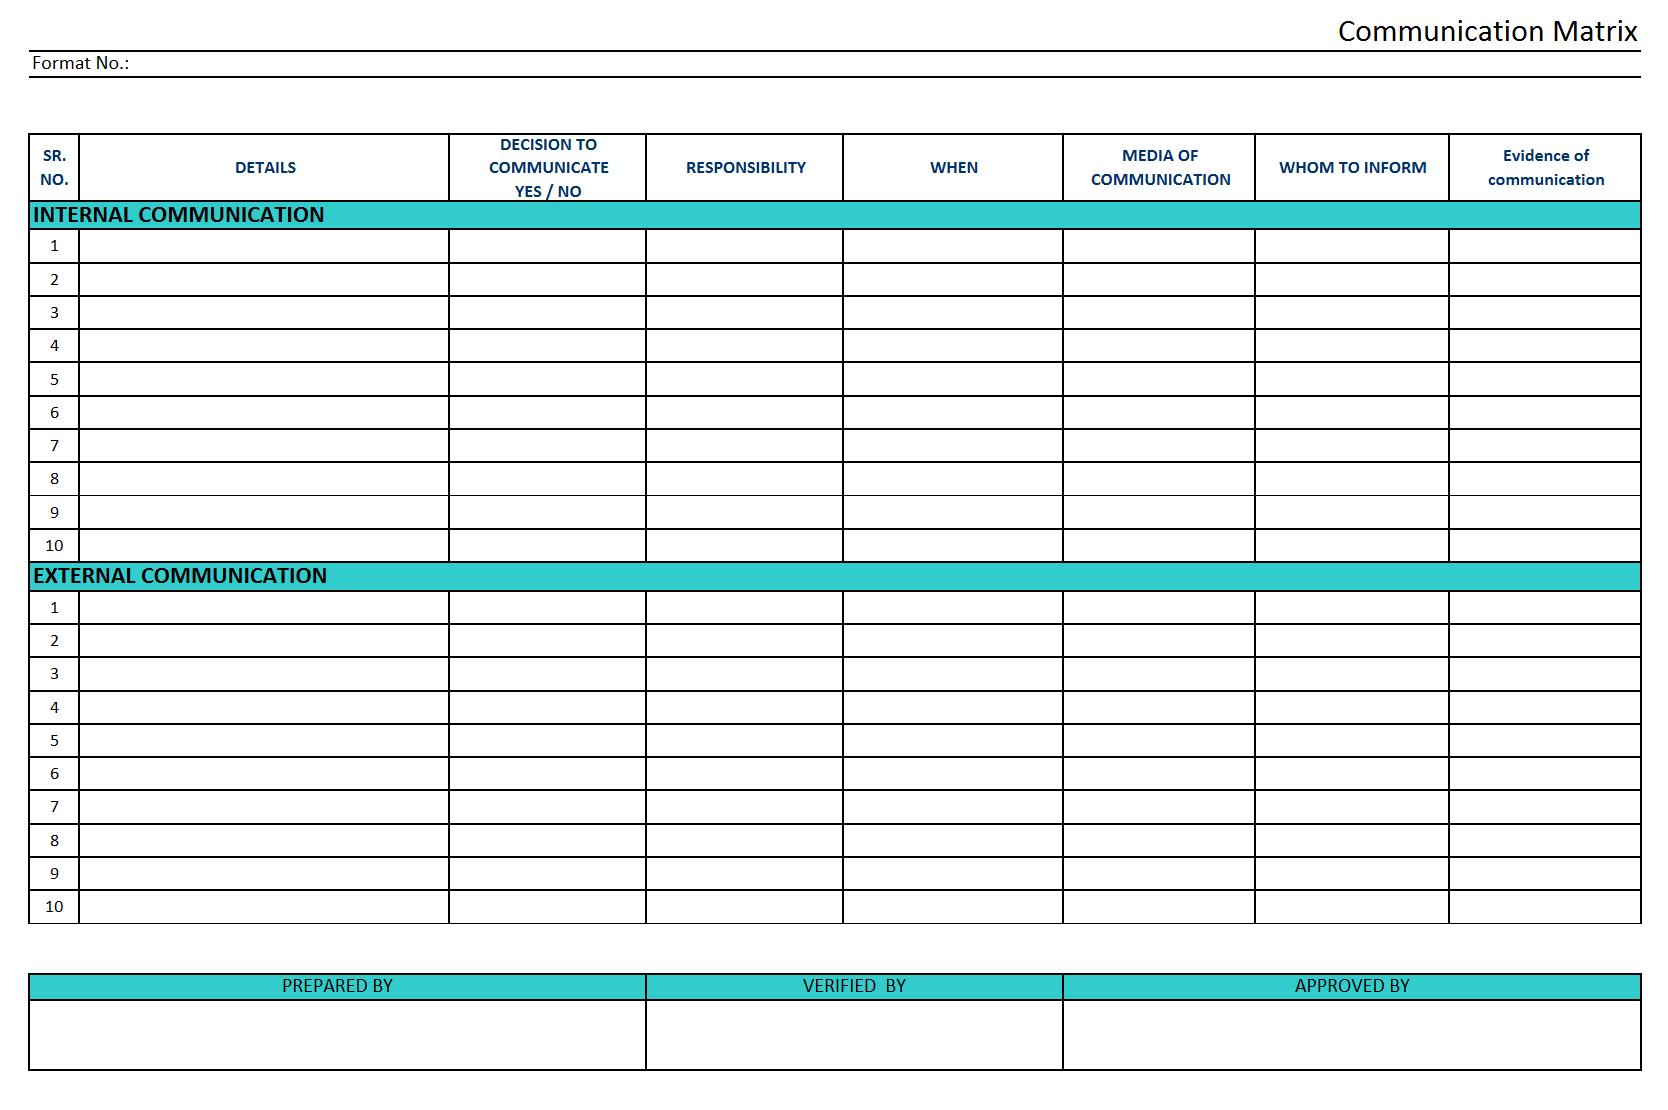 Communication Matrix Template | Communication Matrix